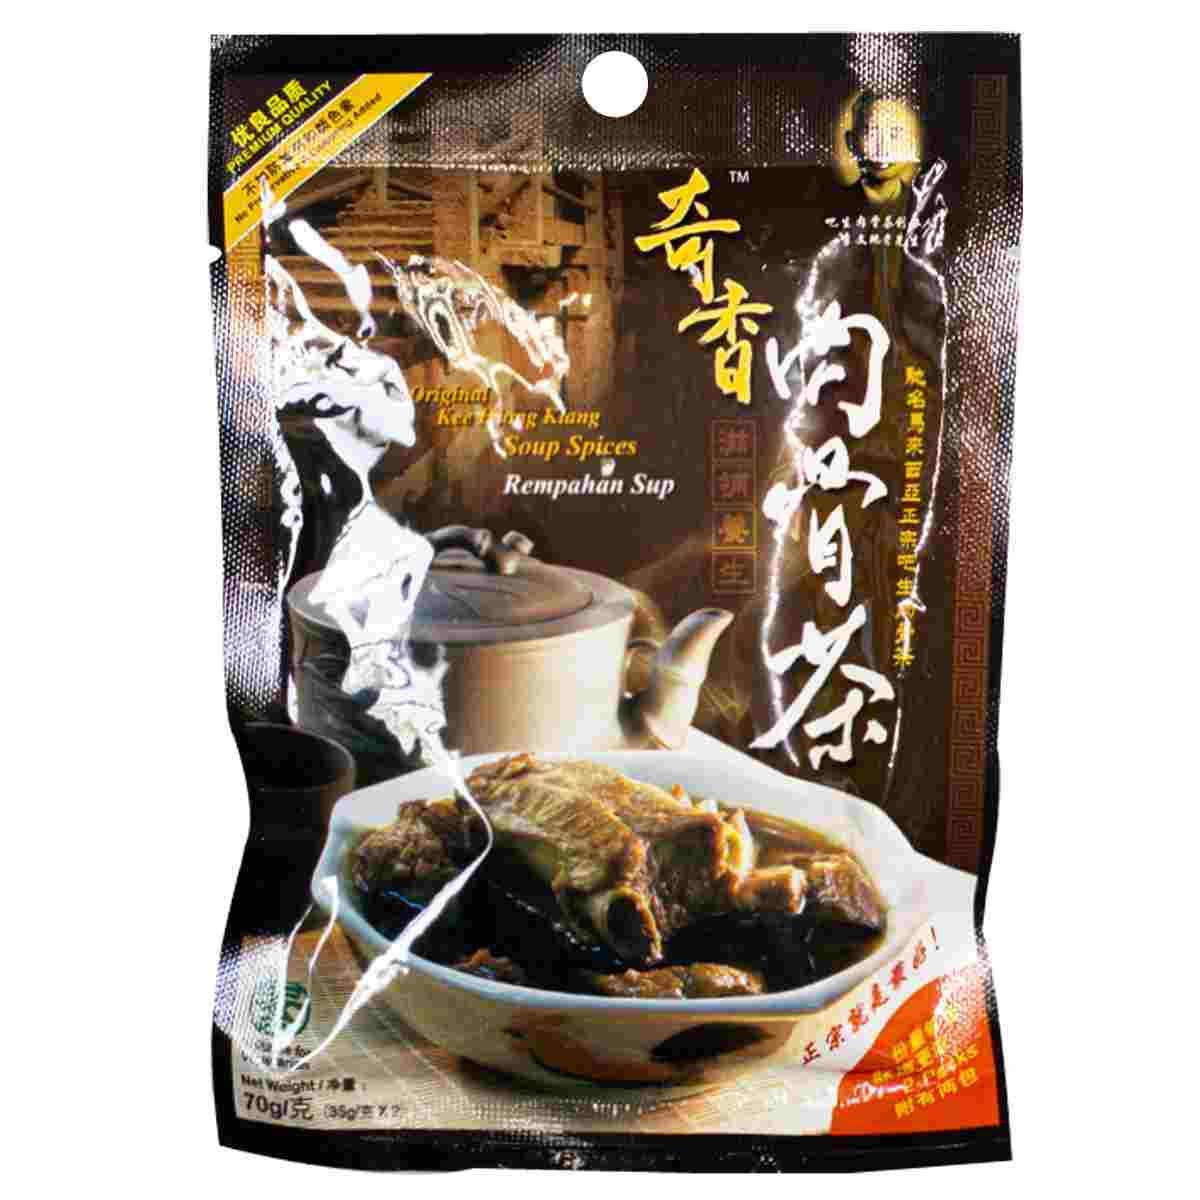 Image herbal Original Kee Hiong Klang Bah kut Teh 奇香-肉骨茶 70 grams